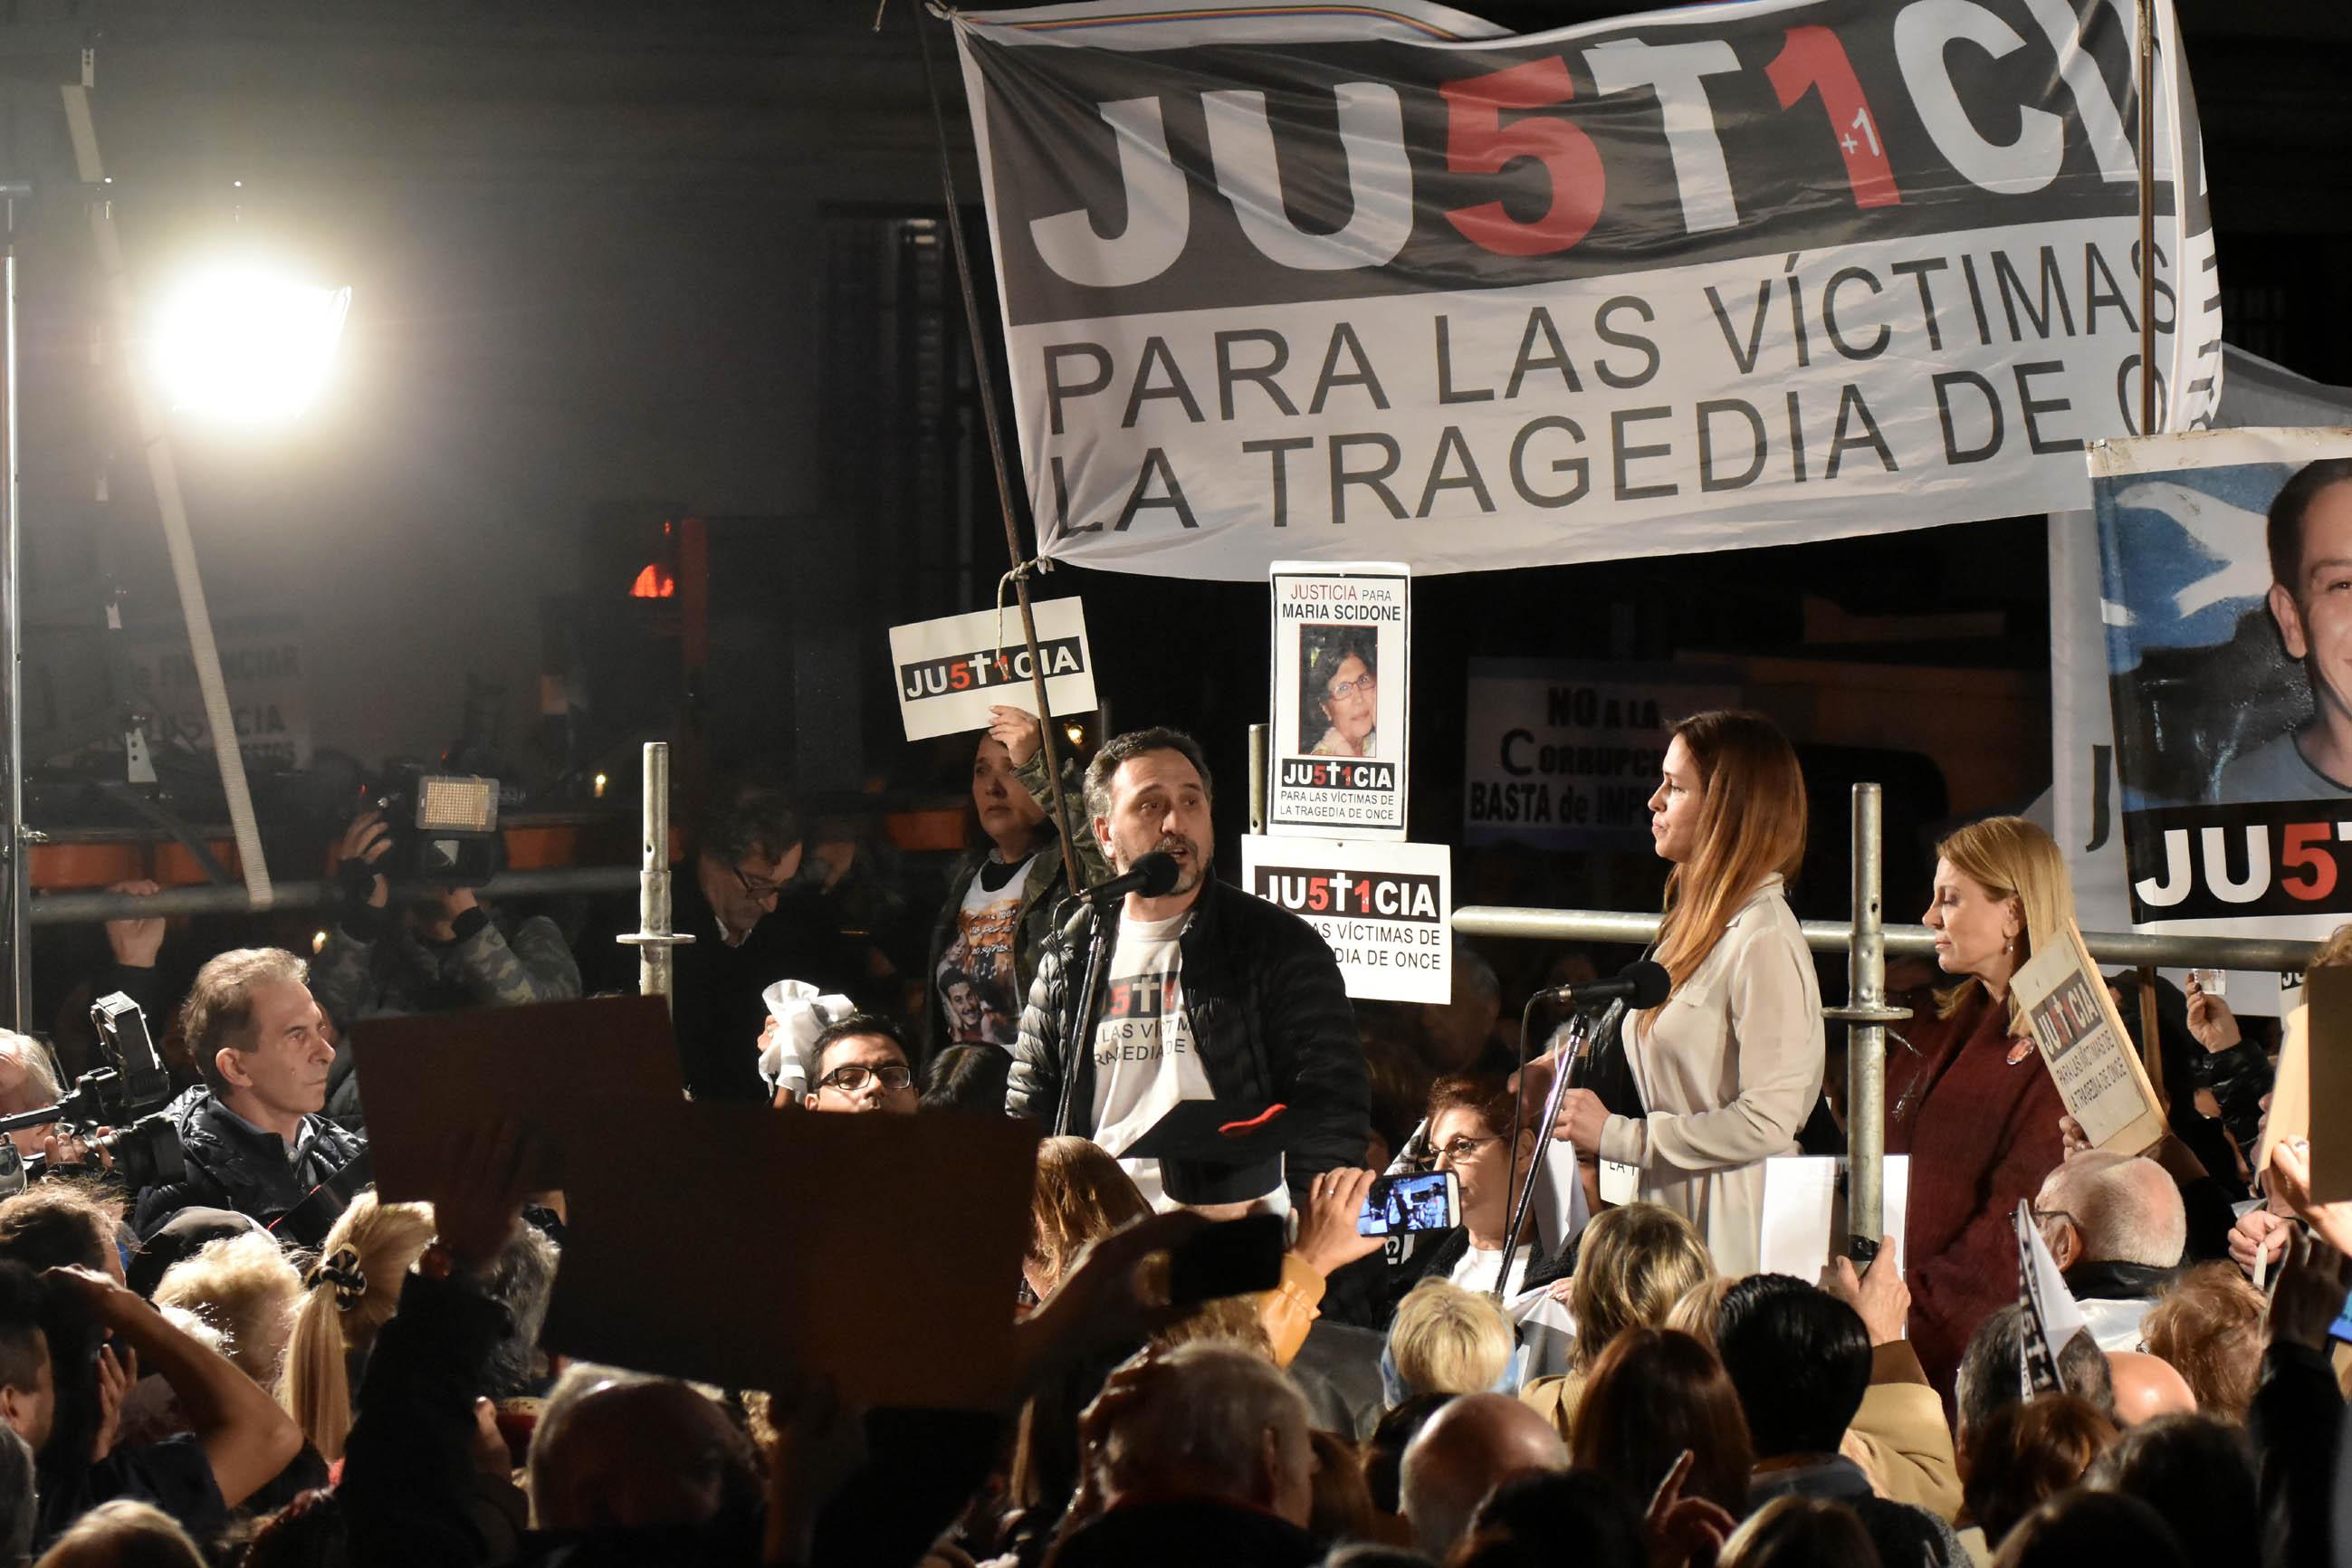 DYN63, BUENOS AIRES 03/08/2017, MARCHA ANTICORRUPCION Y PEDIDO DE JUSTICIA EN LAS PUERTAS DE LOS TRIBUNALES PORTEÑOS.FOTO:DYN/TONY GOMEZ.